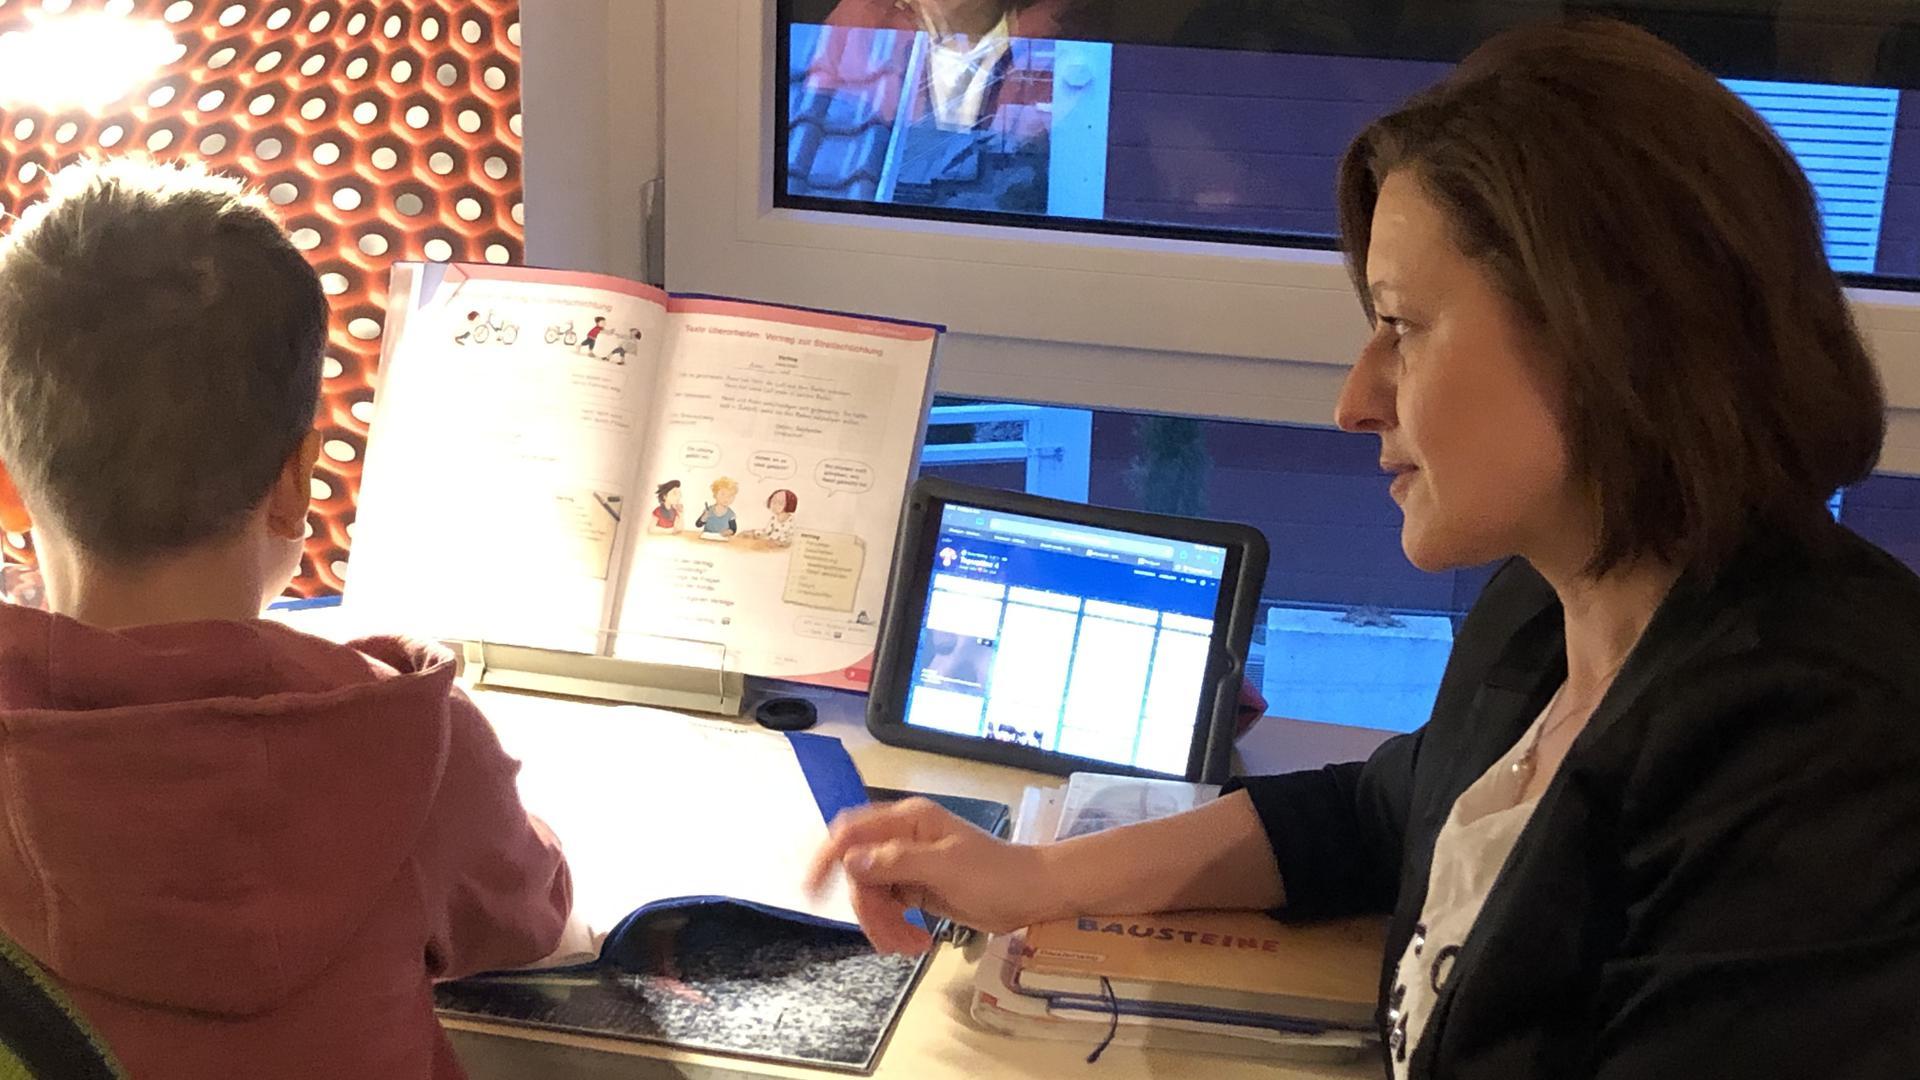 Veronika Laukart, Bürgermeisterin von Au am Rhein, mit ihrem jüngsten Sohn am Schreibtisch